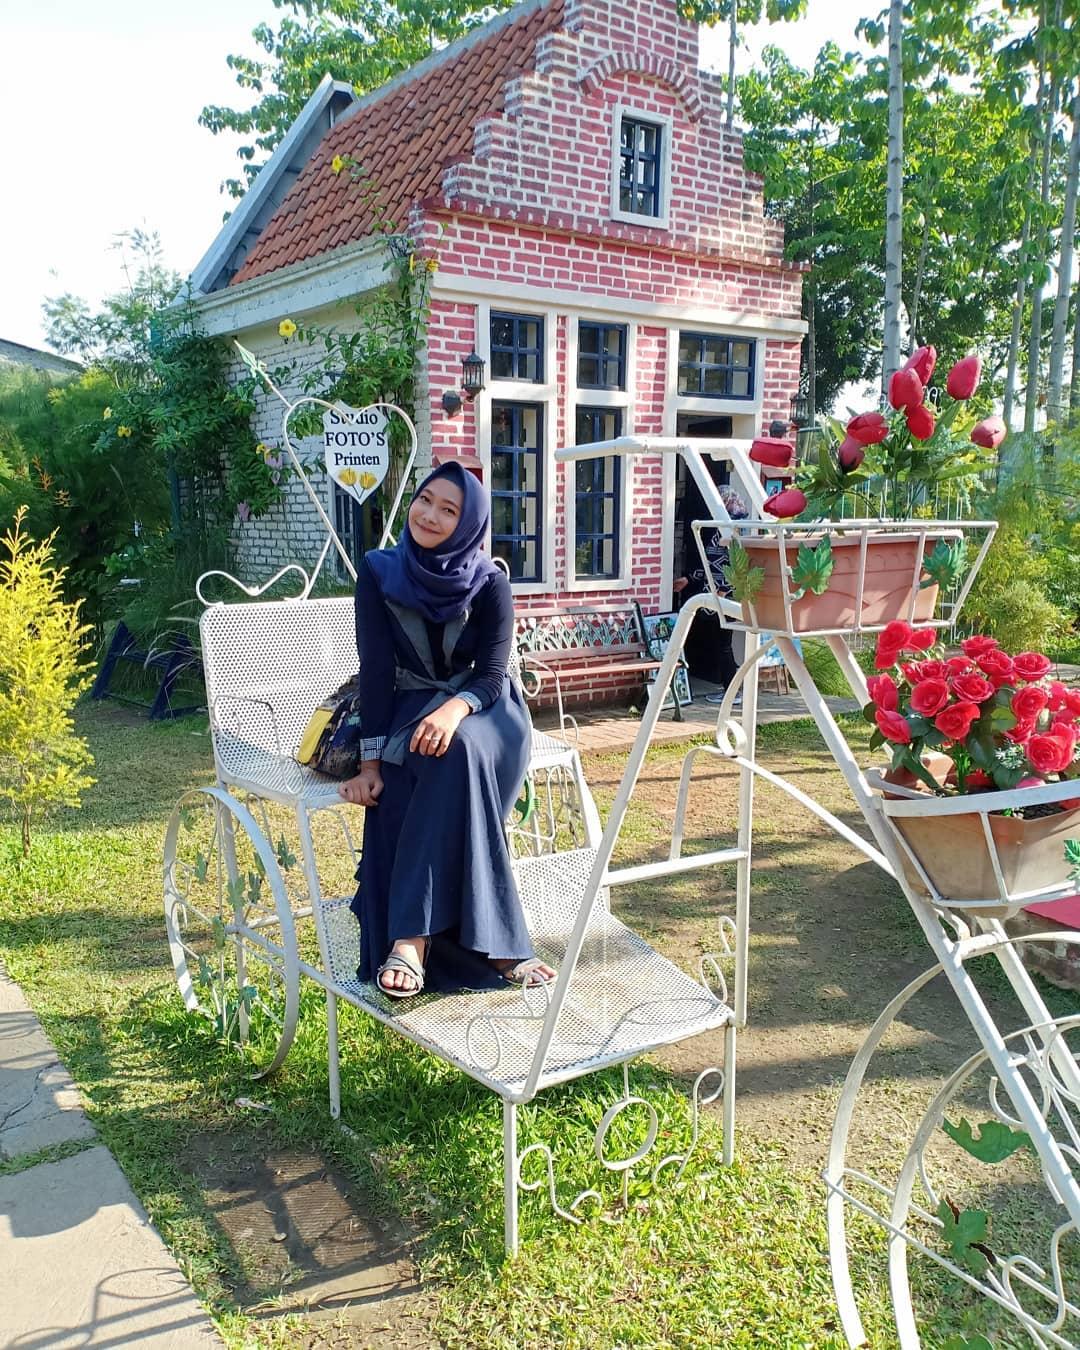 spot foto sepeda dan rumah unik di kampung tulip bandung